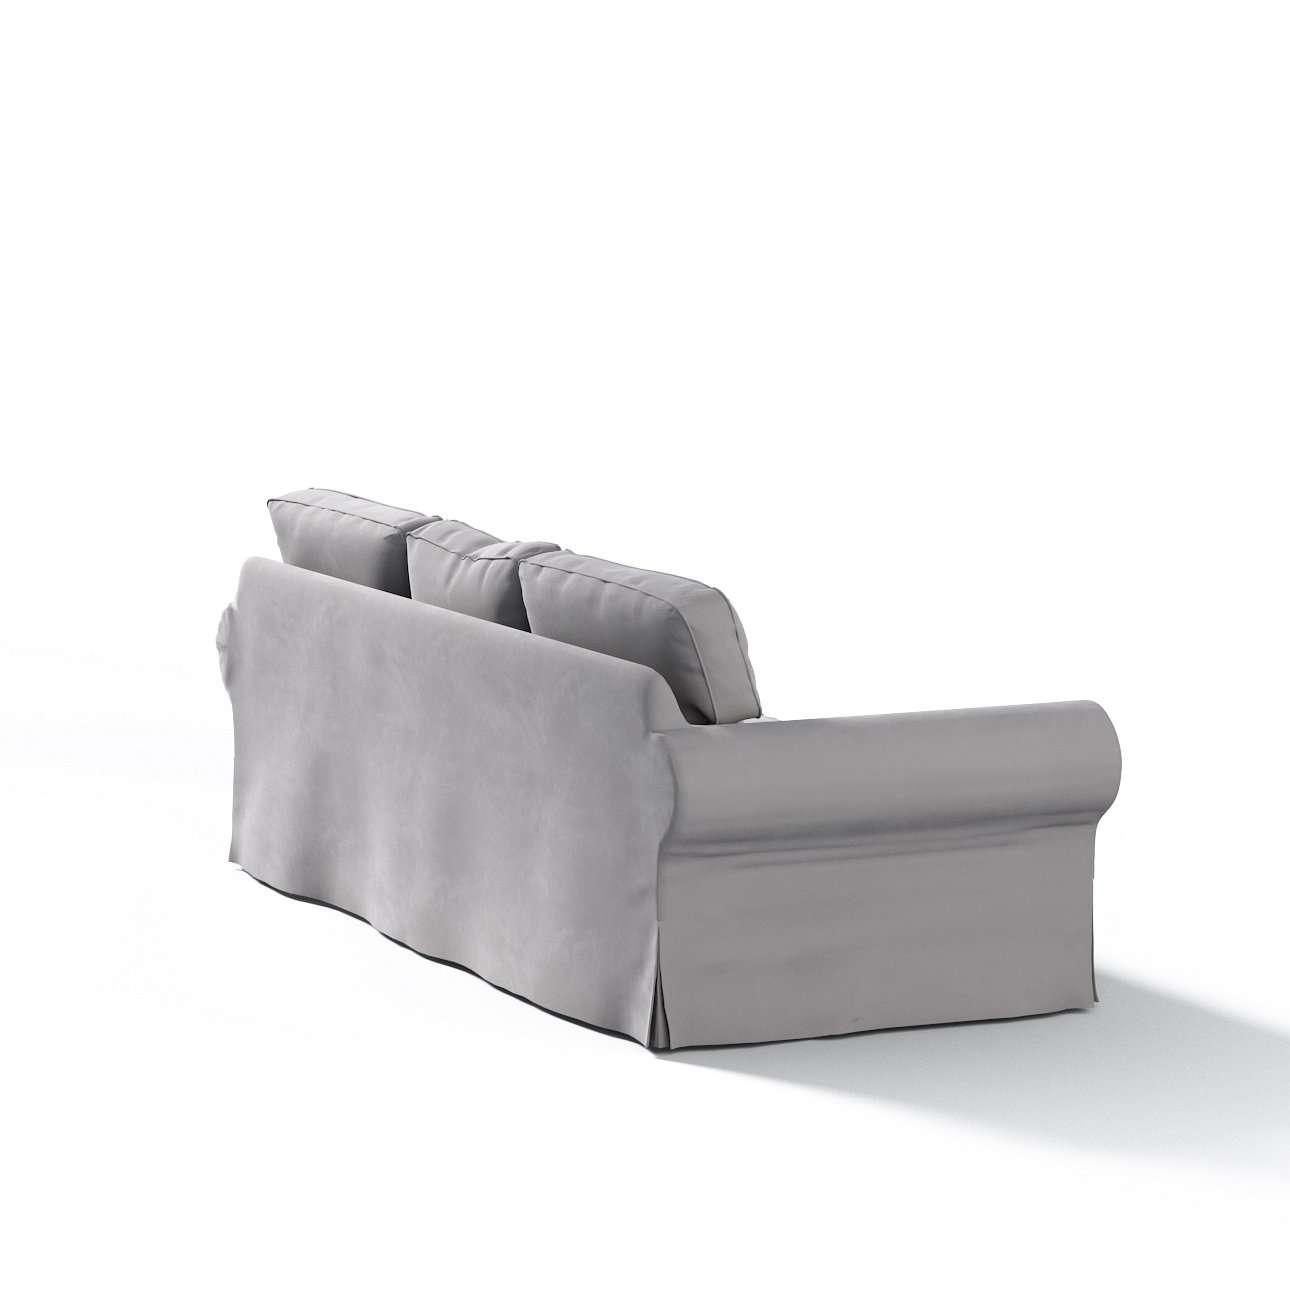 Bezug für Ektorp 3-Sitzer Sofa nicht ausklappbar von der Kollektion Velvet, Stoff: 704-11